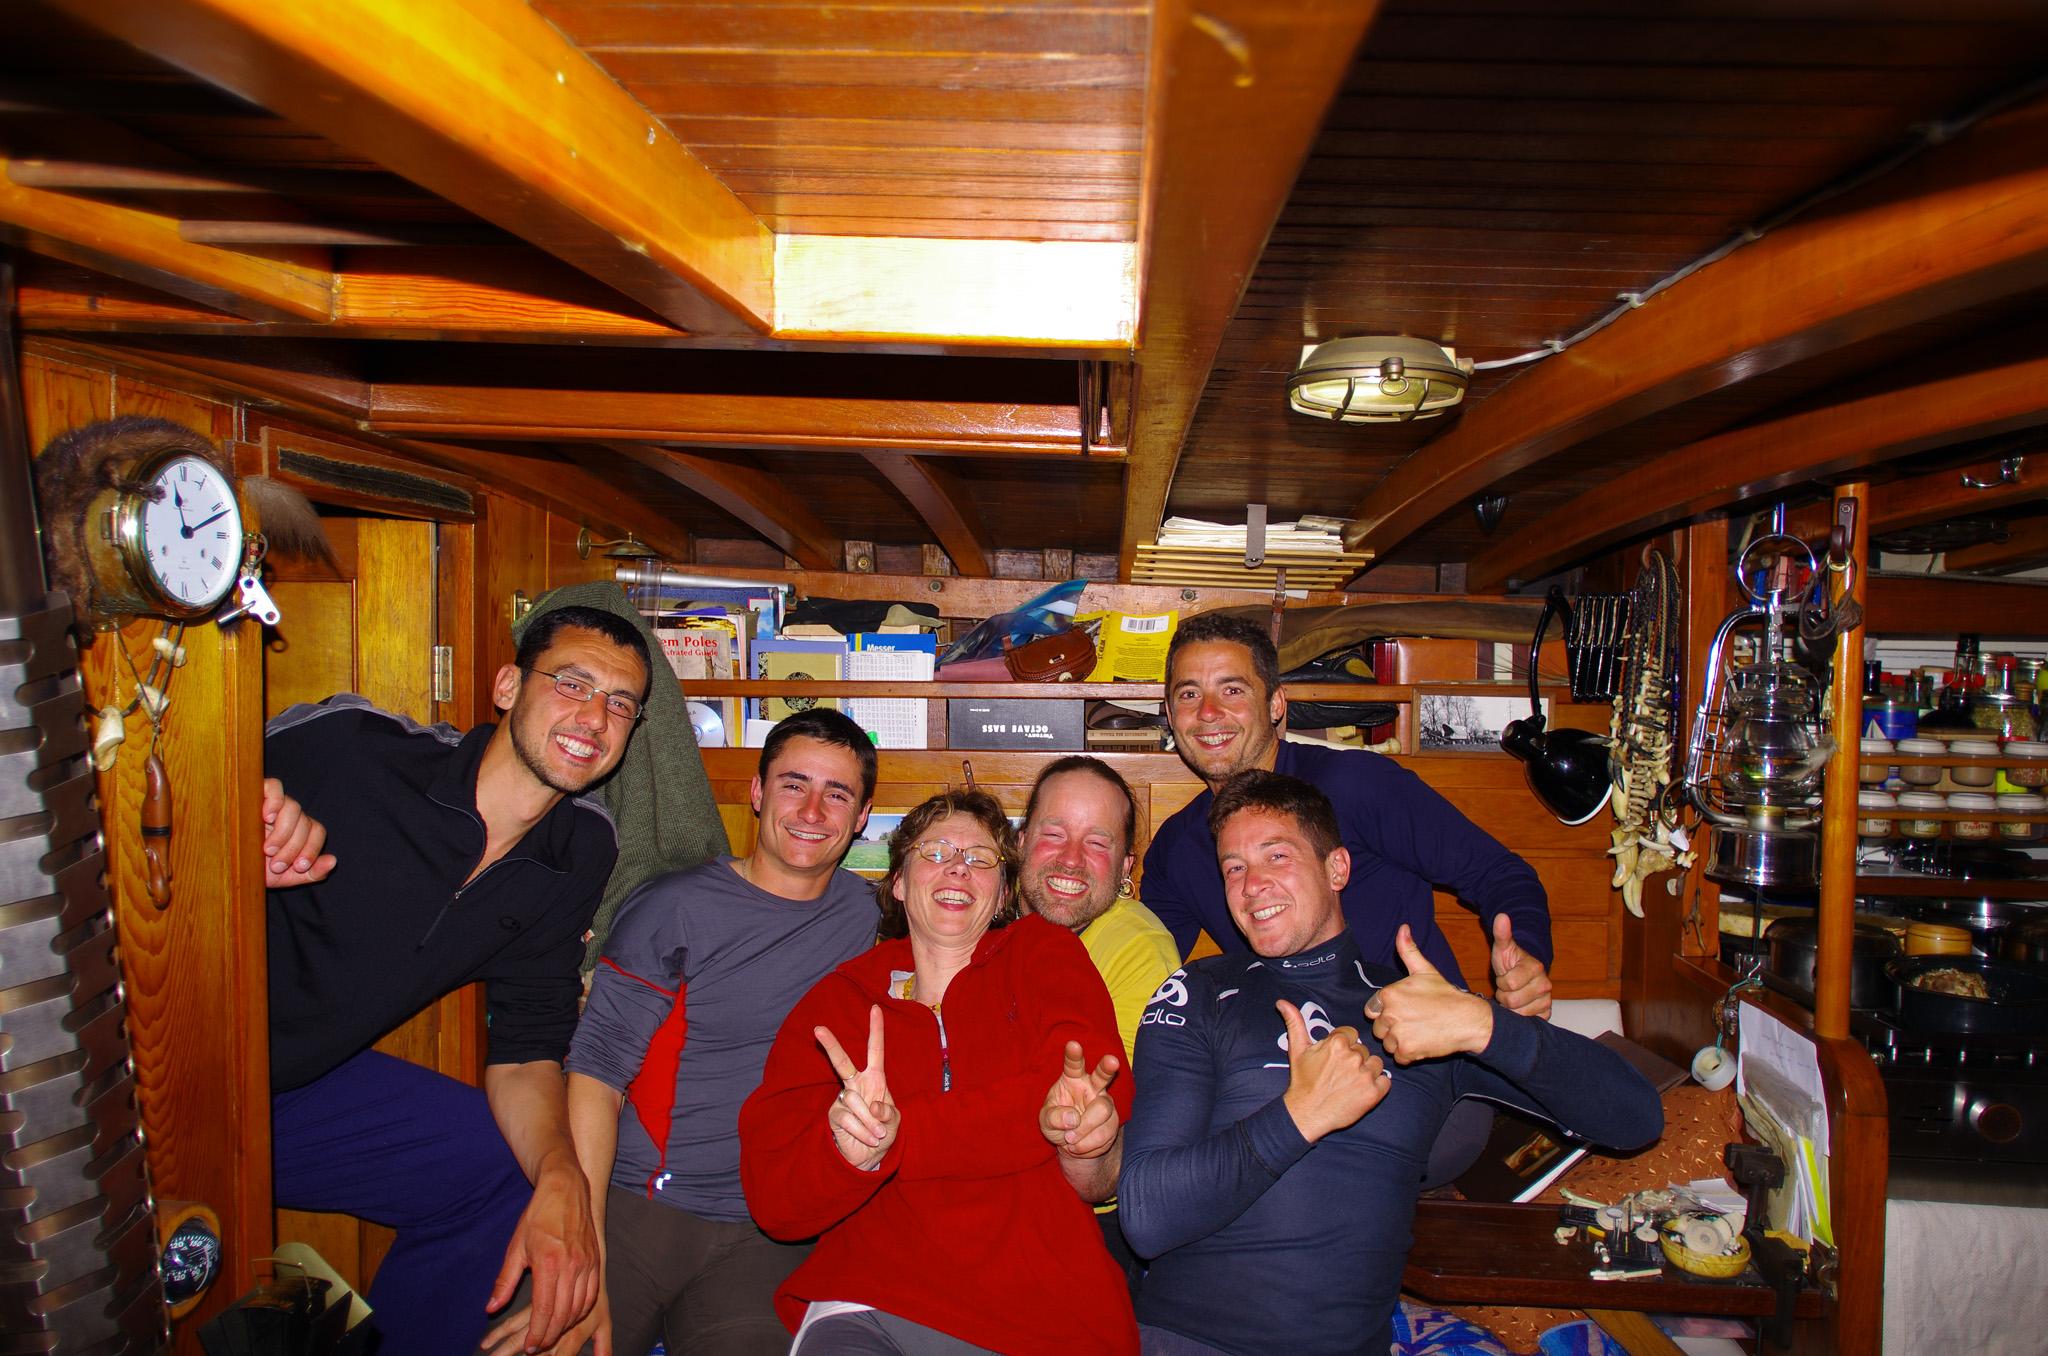 Alors que nous cherchons un bateau pour nous rendre sur le continent, Kai et Andrea, respectivement originaires de Suisse et d'Allemagne, nous offrent de passer quelques nuits sur un bateau de pêcheur sur lequel ils travaillent. Kai nous fascine avec ses histoires d'explorateur du grand nord alors qu'Andrea nous préparent des petits plats succulents. Pour une fois, nous nous taisons et écoutons leurs histoires fascinantes. Kai nous emmène même pêcher le crabe un soir!